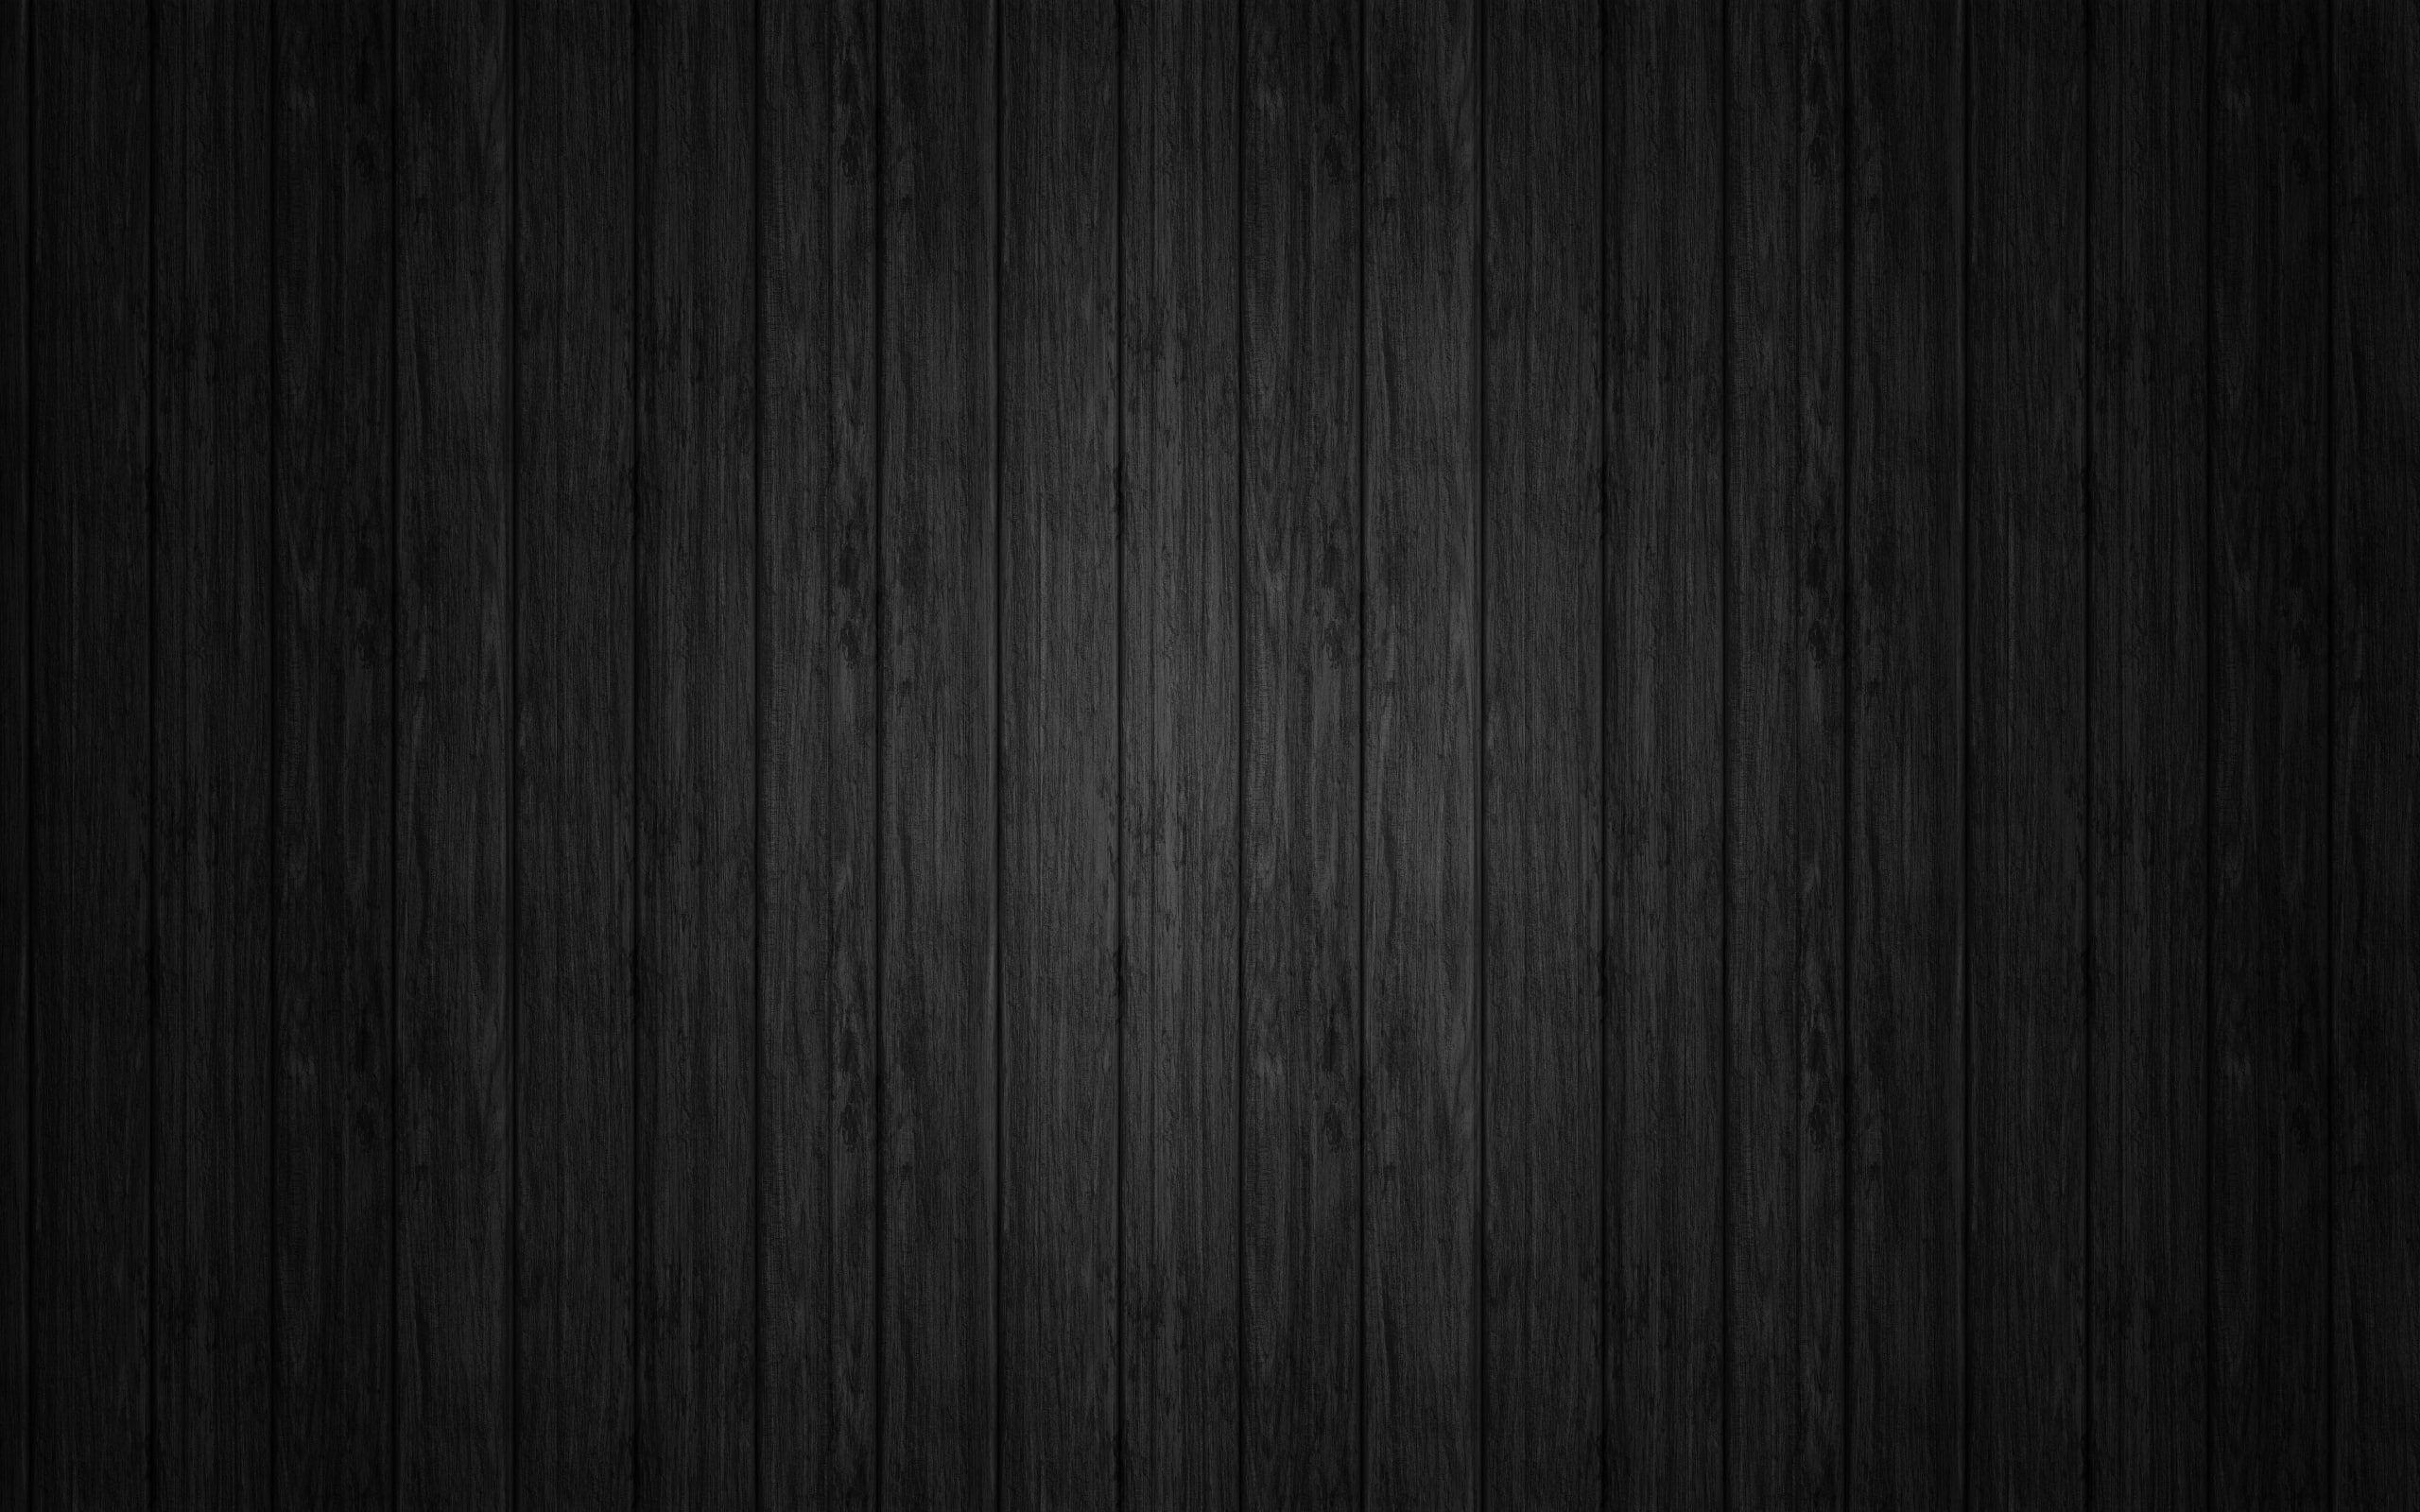 Wallpaper Board Black Line Texture Background Wood Lukisan Keluarga Latar Belakang Desain